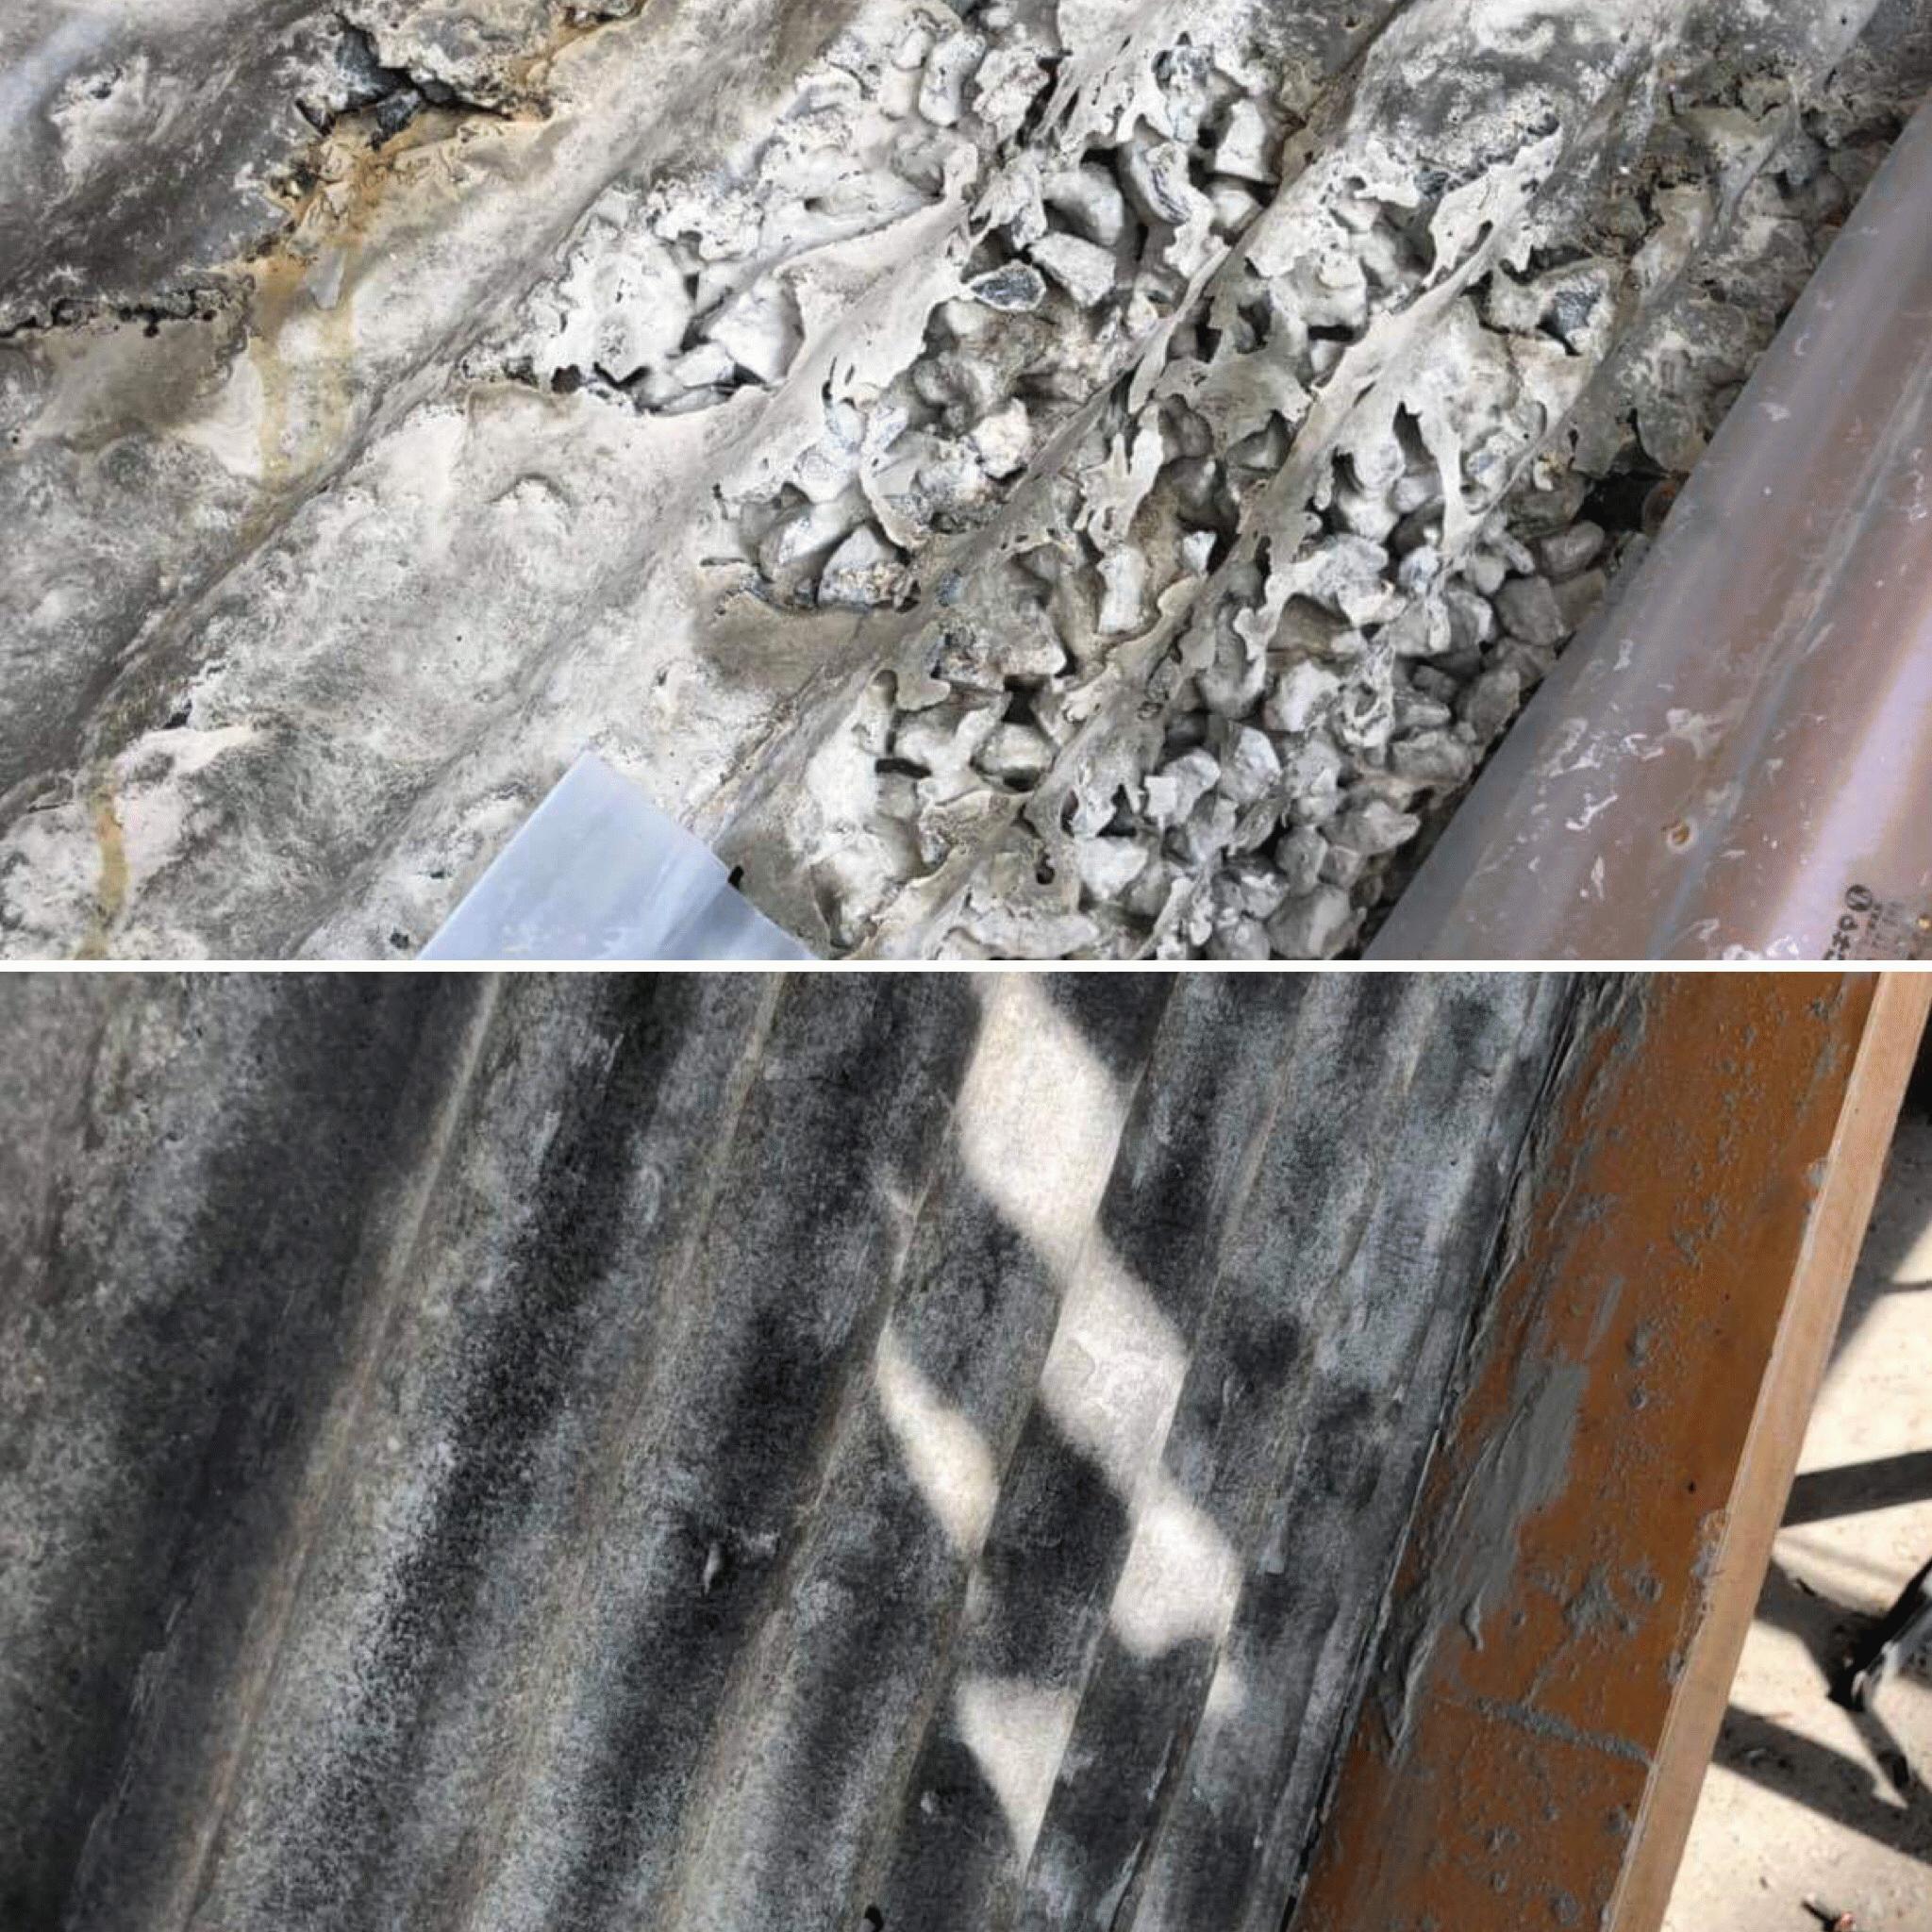 【岡山】特殊型枠に打設した打ち放しコンクリート補修痕をどのようにケアするのか?